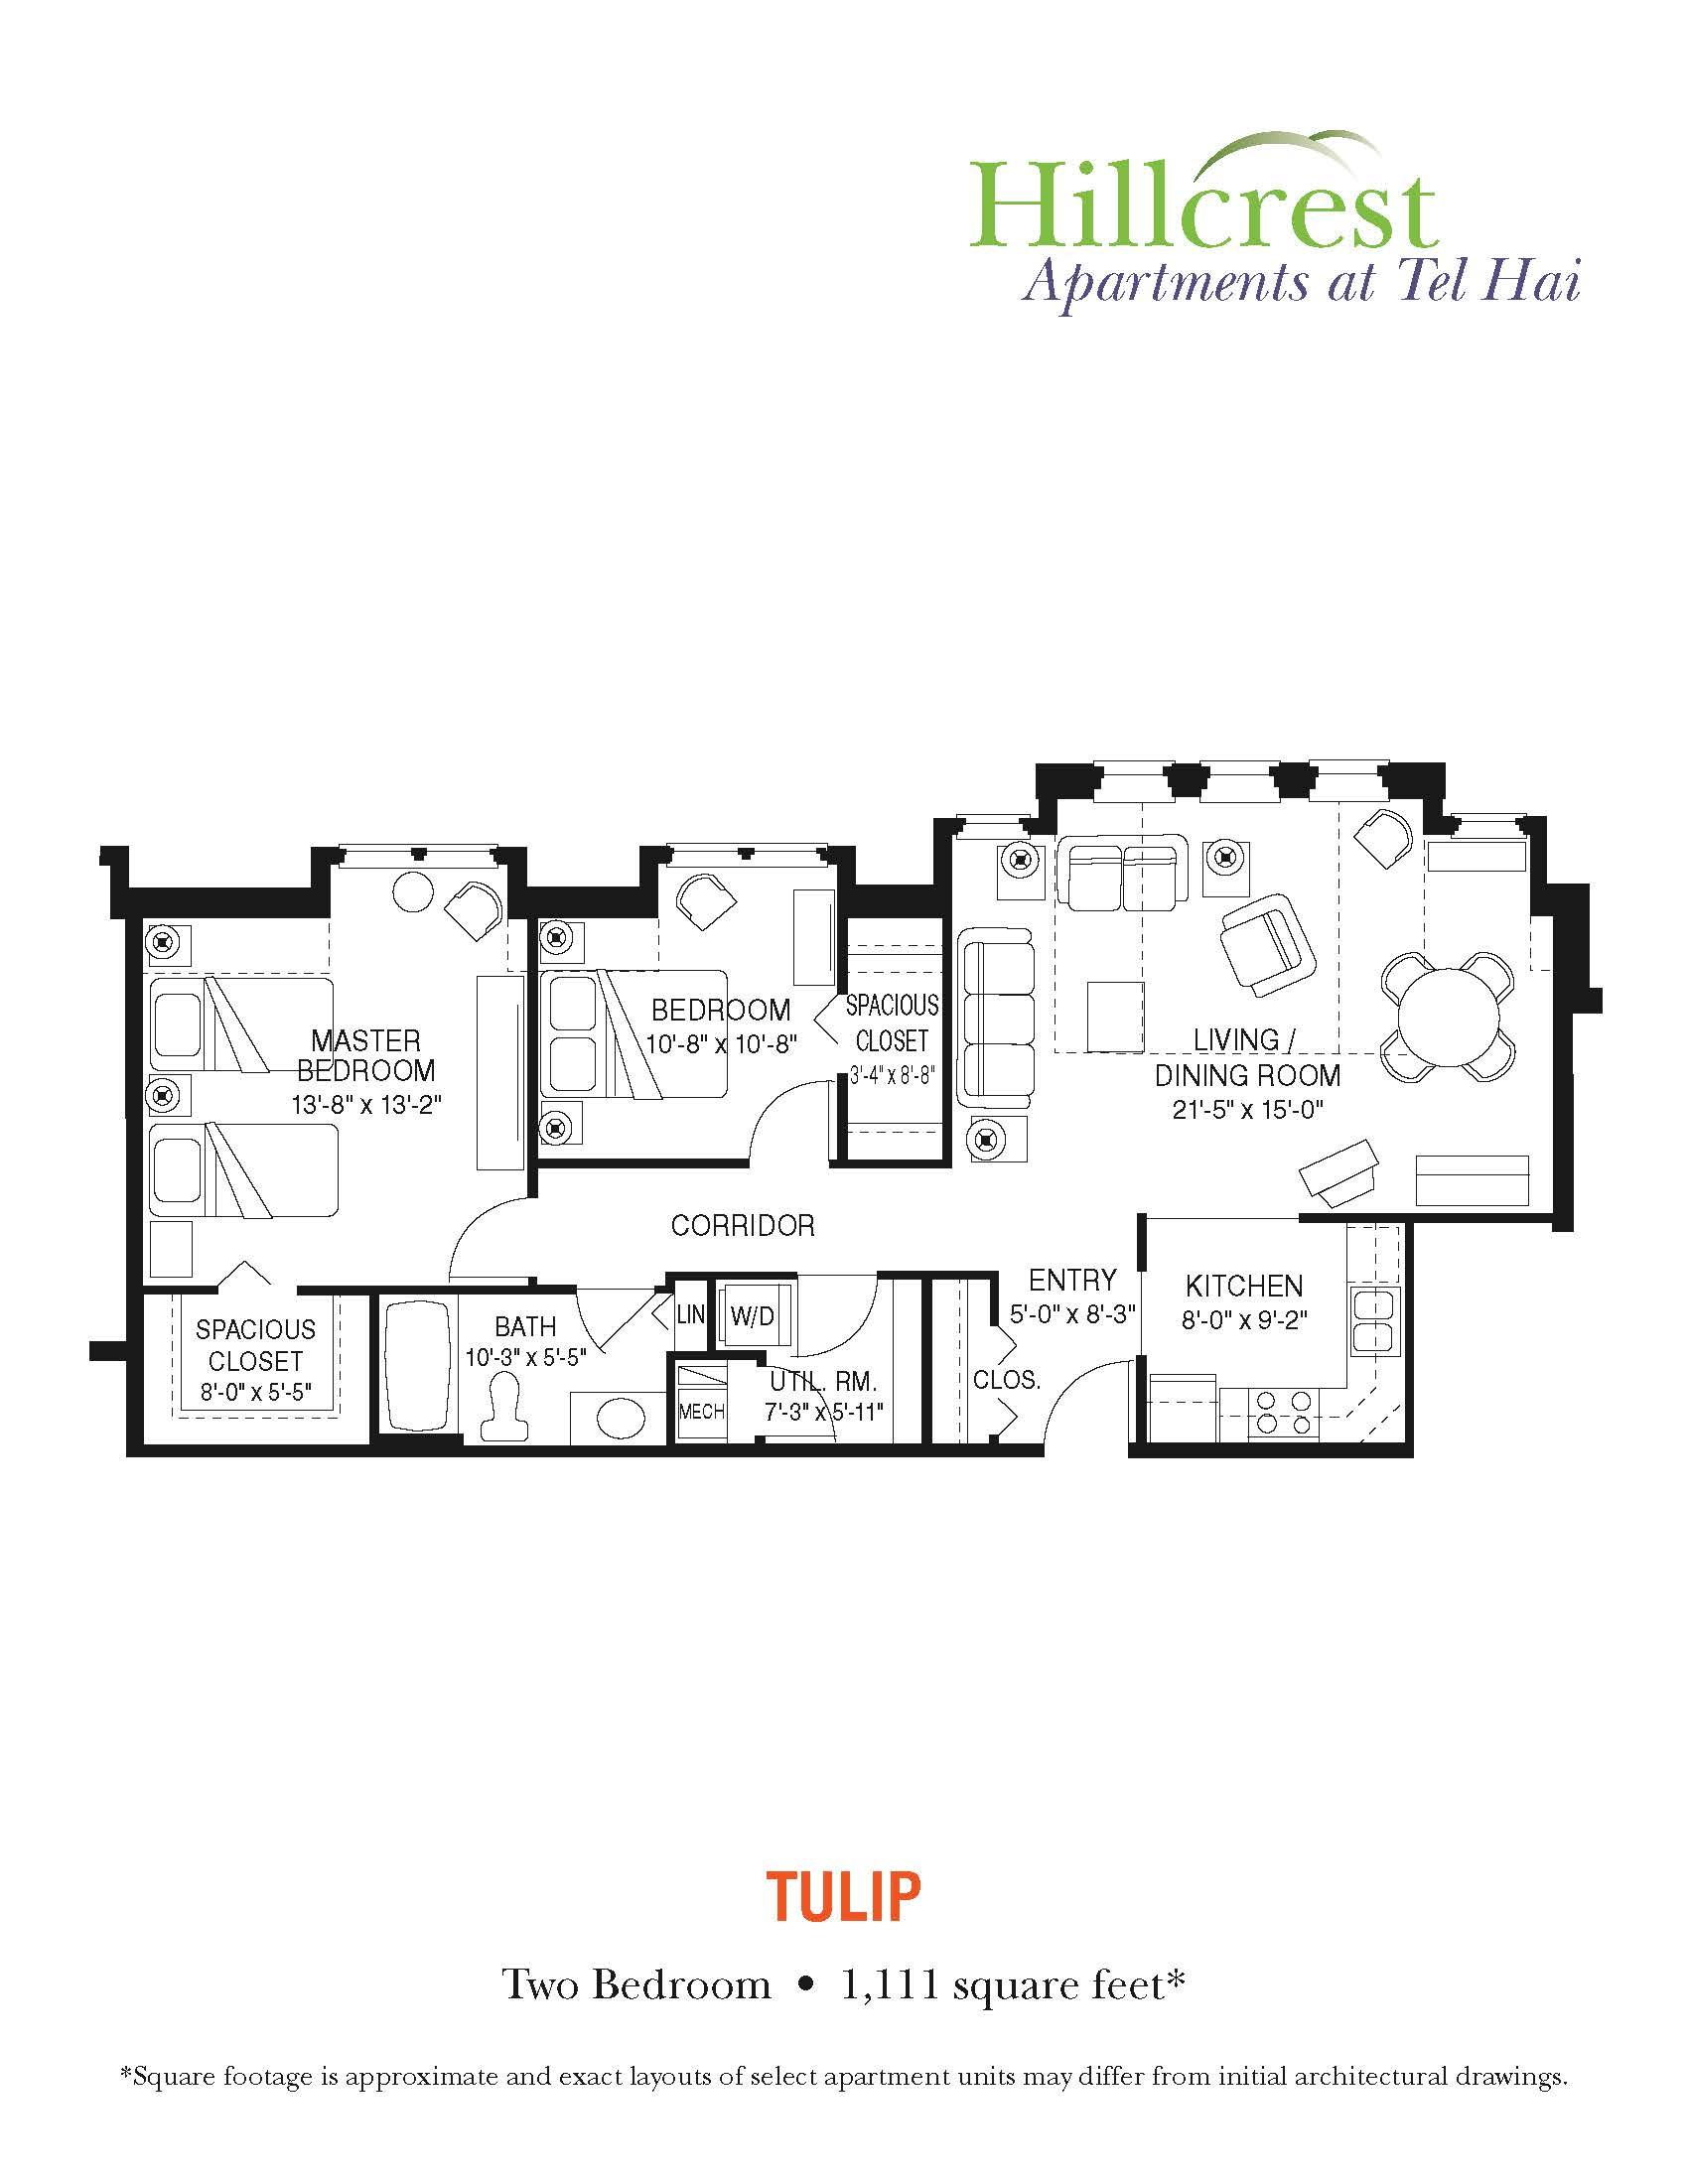 Tulip Apartment at Tel Hai